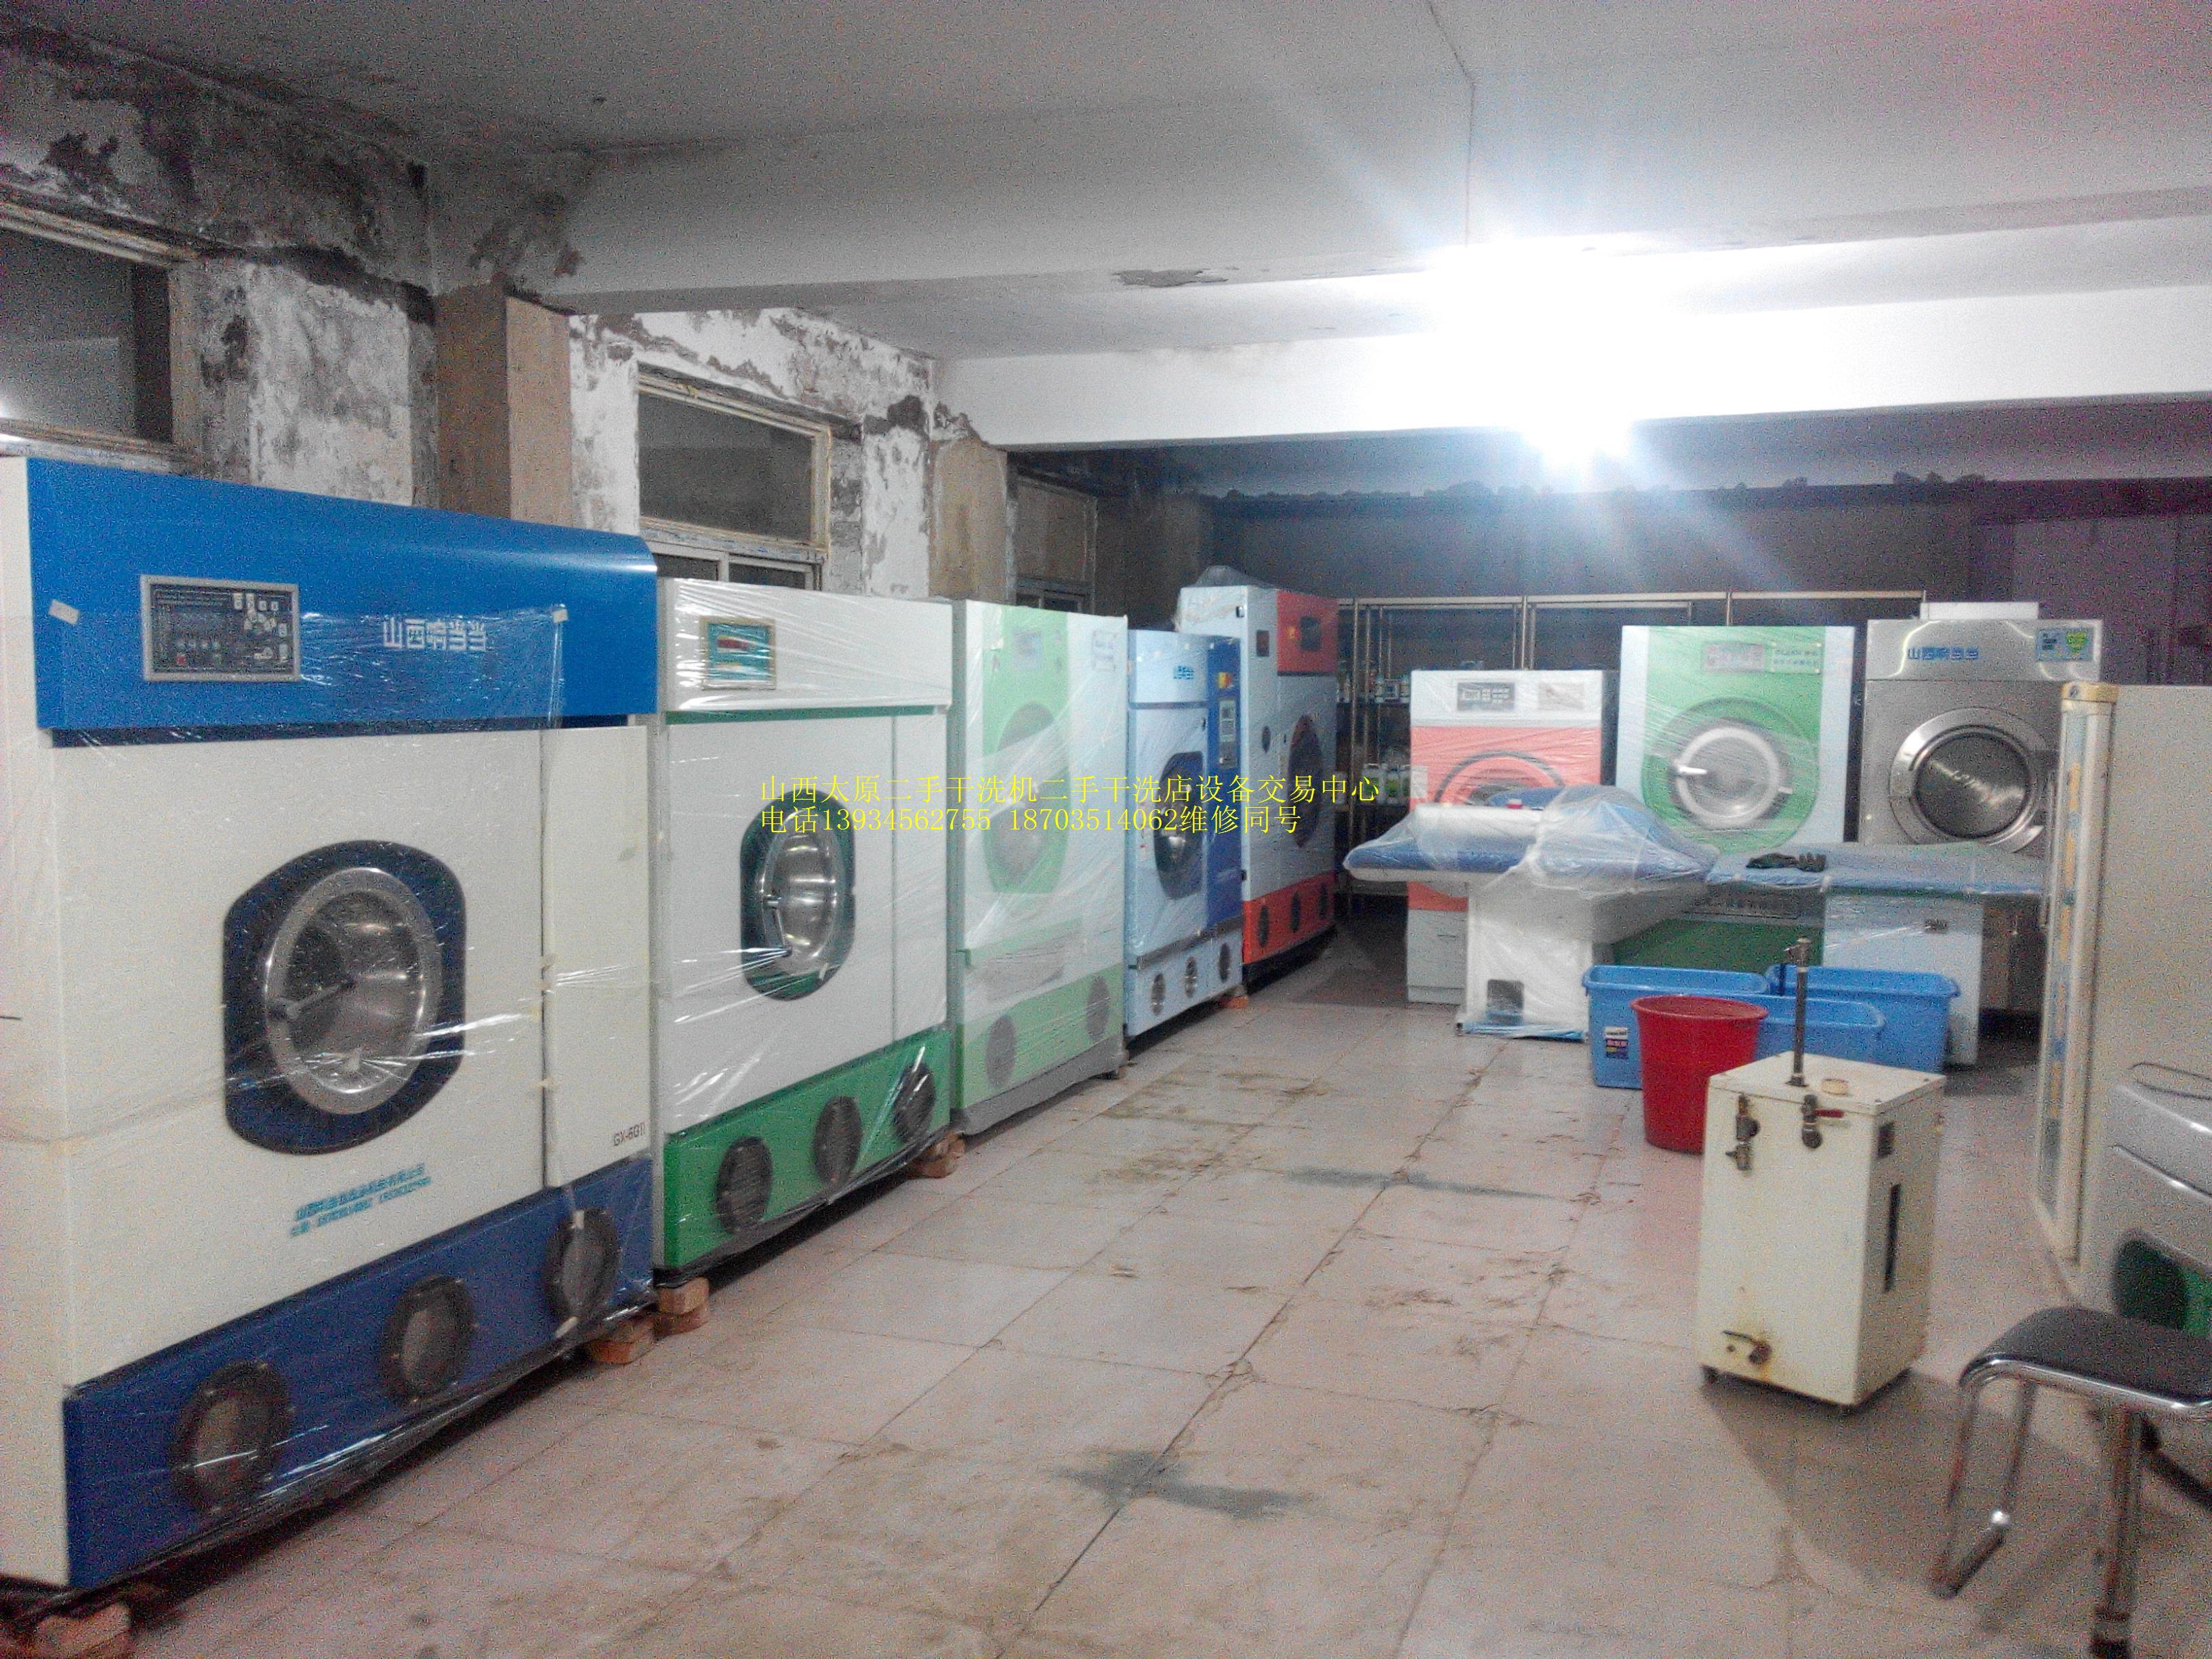 二手干洗机 二手水洗机 二手烘干机 二手干洗店设备